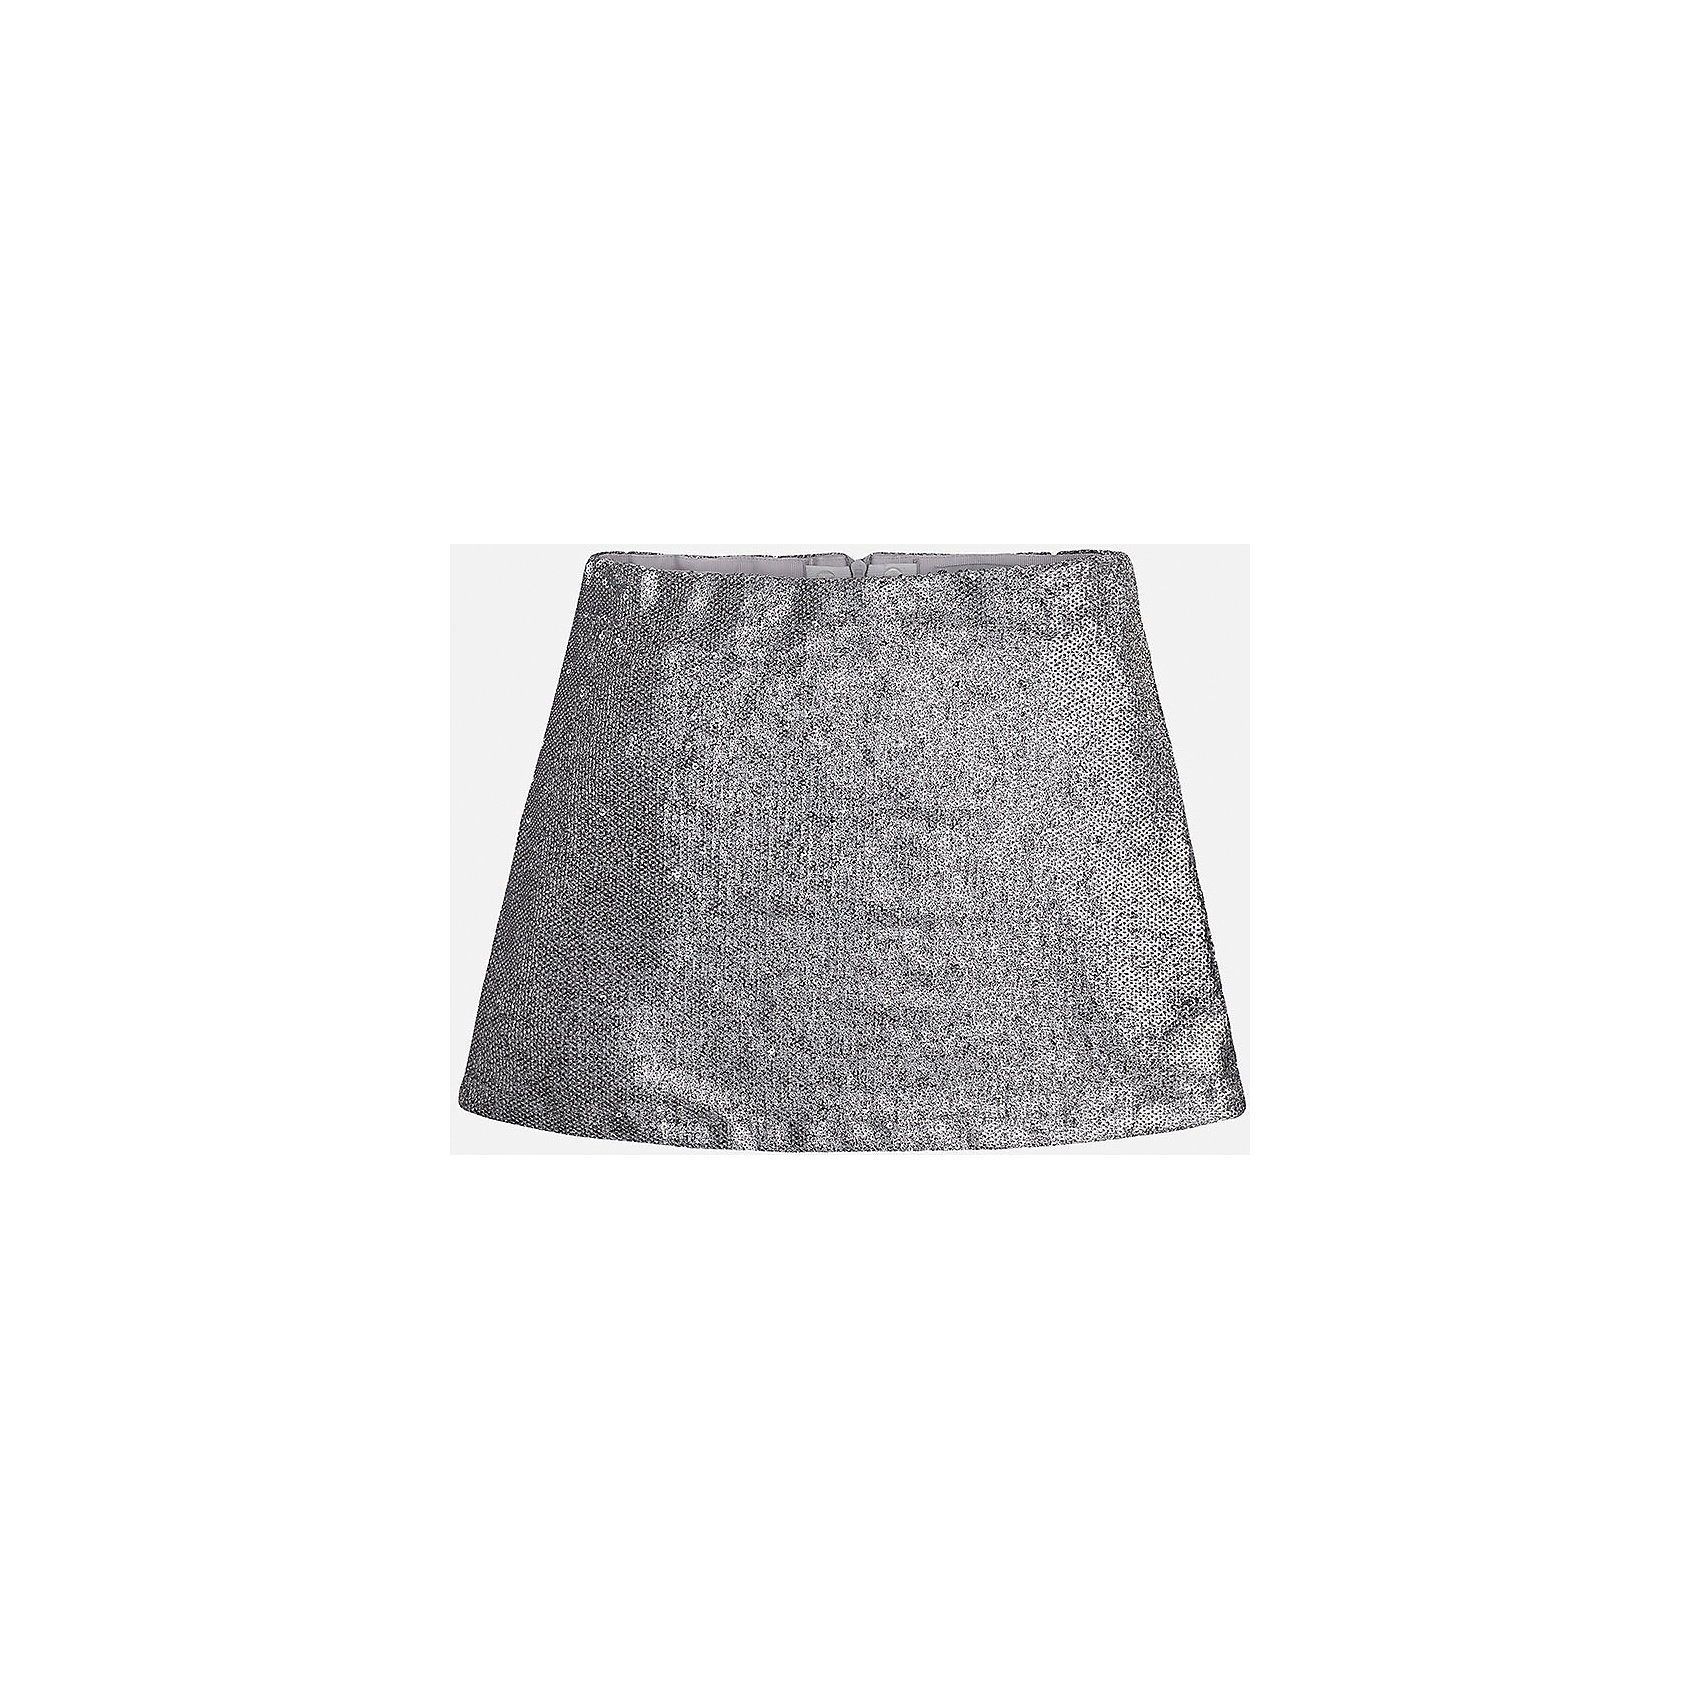 Юбка для девочки MayoralЮбка для девочки от известного испанского бренда Mayoral (Майорал). Эта модная и удобная юбка средней длинны сочетает в себе стиль и простоту. Приятный блестящий серебристый цвет, полученный за счет множества пайеток придет по вкусу вашей моднице. У юбки свободный крой, расширяющийся к низу. Отличное пополнение для сезона осень-зима. К этому платью подойдут как классические колготки, так и современные укороченные леггинсы.<br><br>Дополнительная информация:<br><br>- Силуэт: расширяющийся <br>- Длина: средняя<br><br>Состав: верх: 100% полиэстер, подкладка: 60% хлопок, 40% полиэстер <br><br>Юбка для девочки Mayoral (Майорал) можно купить в нашем интернет-магазине.<br><br>Подробнее:<br>• Для детей в возрасте: от 8 до 16 лет<br>• Номер товара: 4847458<br>Страна производитель: Индия<br><br>Ширина мм: 207<br>Глубина мм: 10<br>Высота мм: 189<br>Вес г: 183<br>Цвет: серый<br>Возраст от месяцев: 144<br>Возраст до месяцев: 156<br>Пол: Женский<br>Возраст: Детский<br>Размер: 152/158,134/140,158/164,164/170,128/134,146/152<br>SKU: 4847458